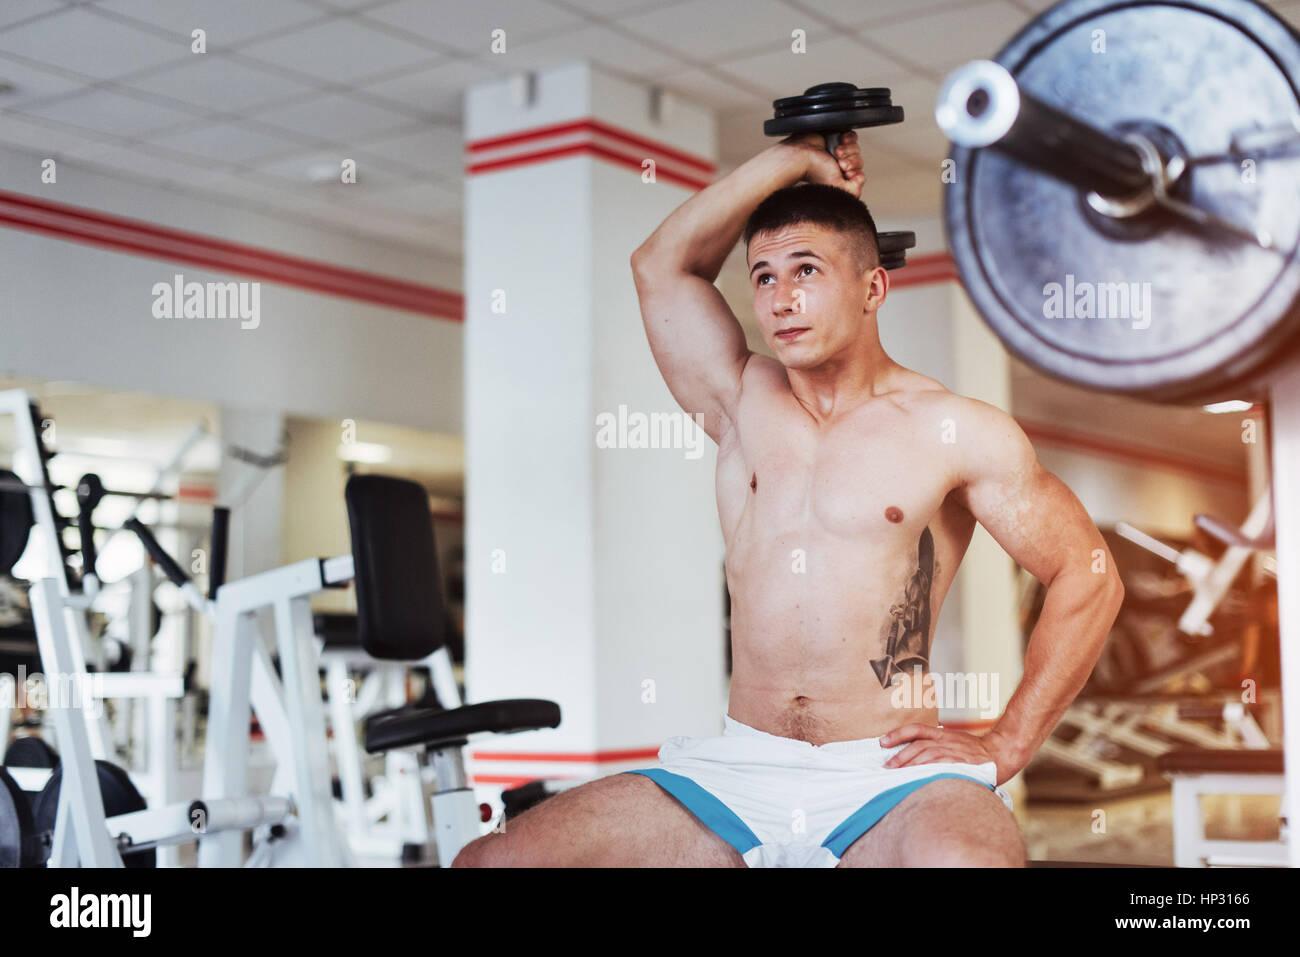 Hermosa culturista athletic guy, realiza ejercicios con d Imagen De Stock